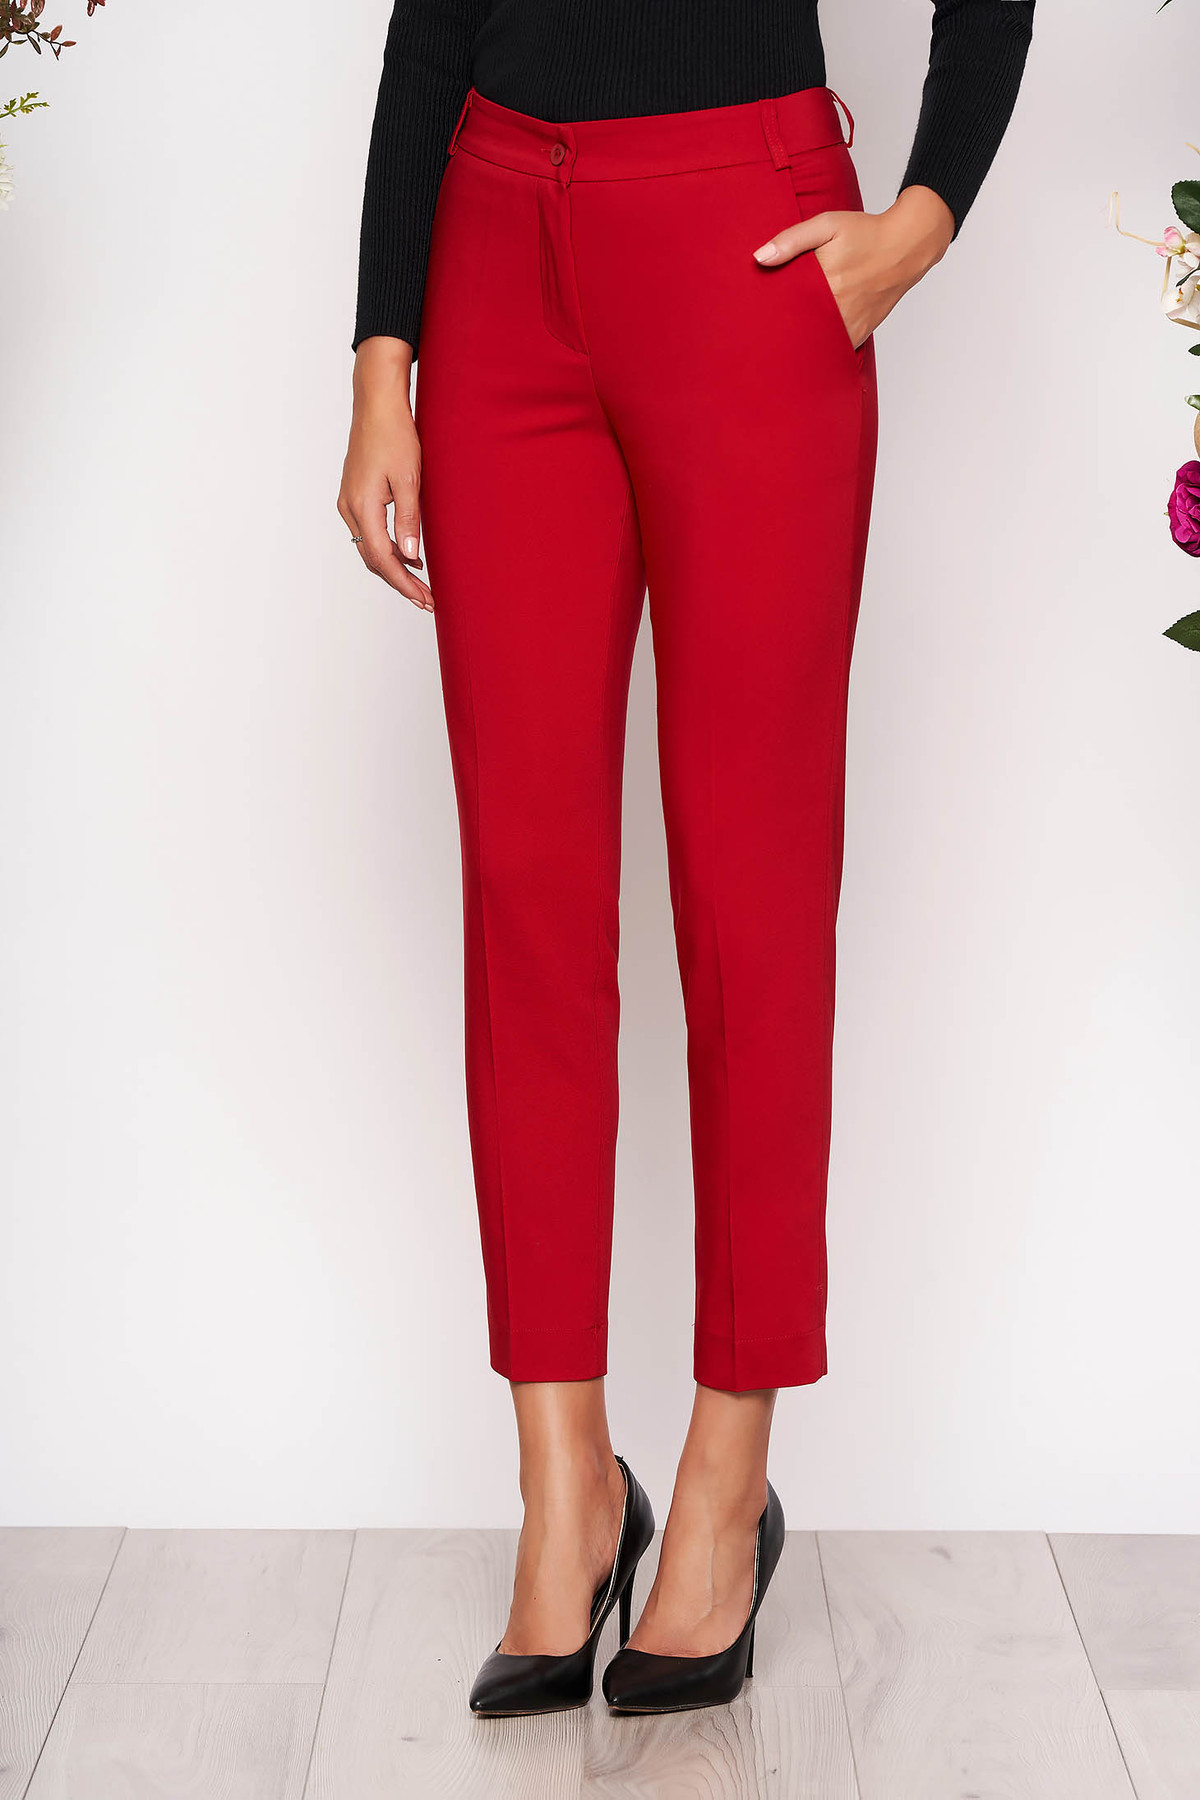 Pantaloni rosii lungi eleganti cu talie medie conici din stofa subtire cu buzunare